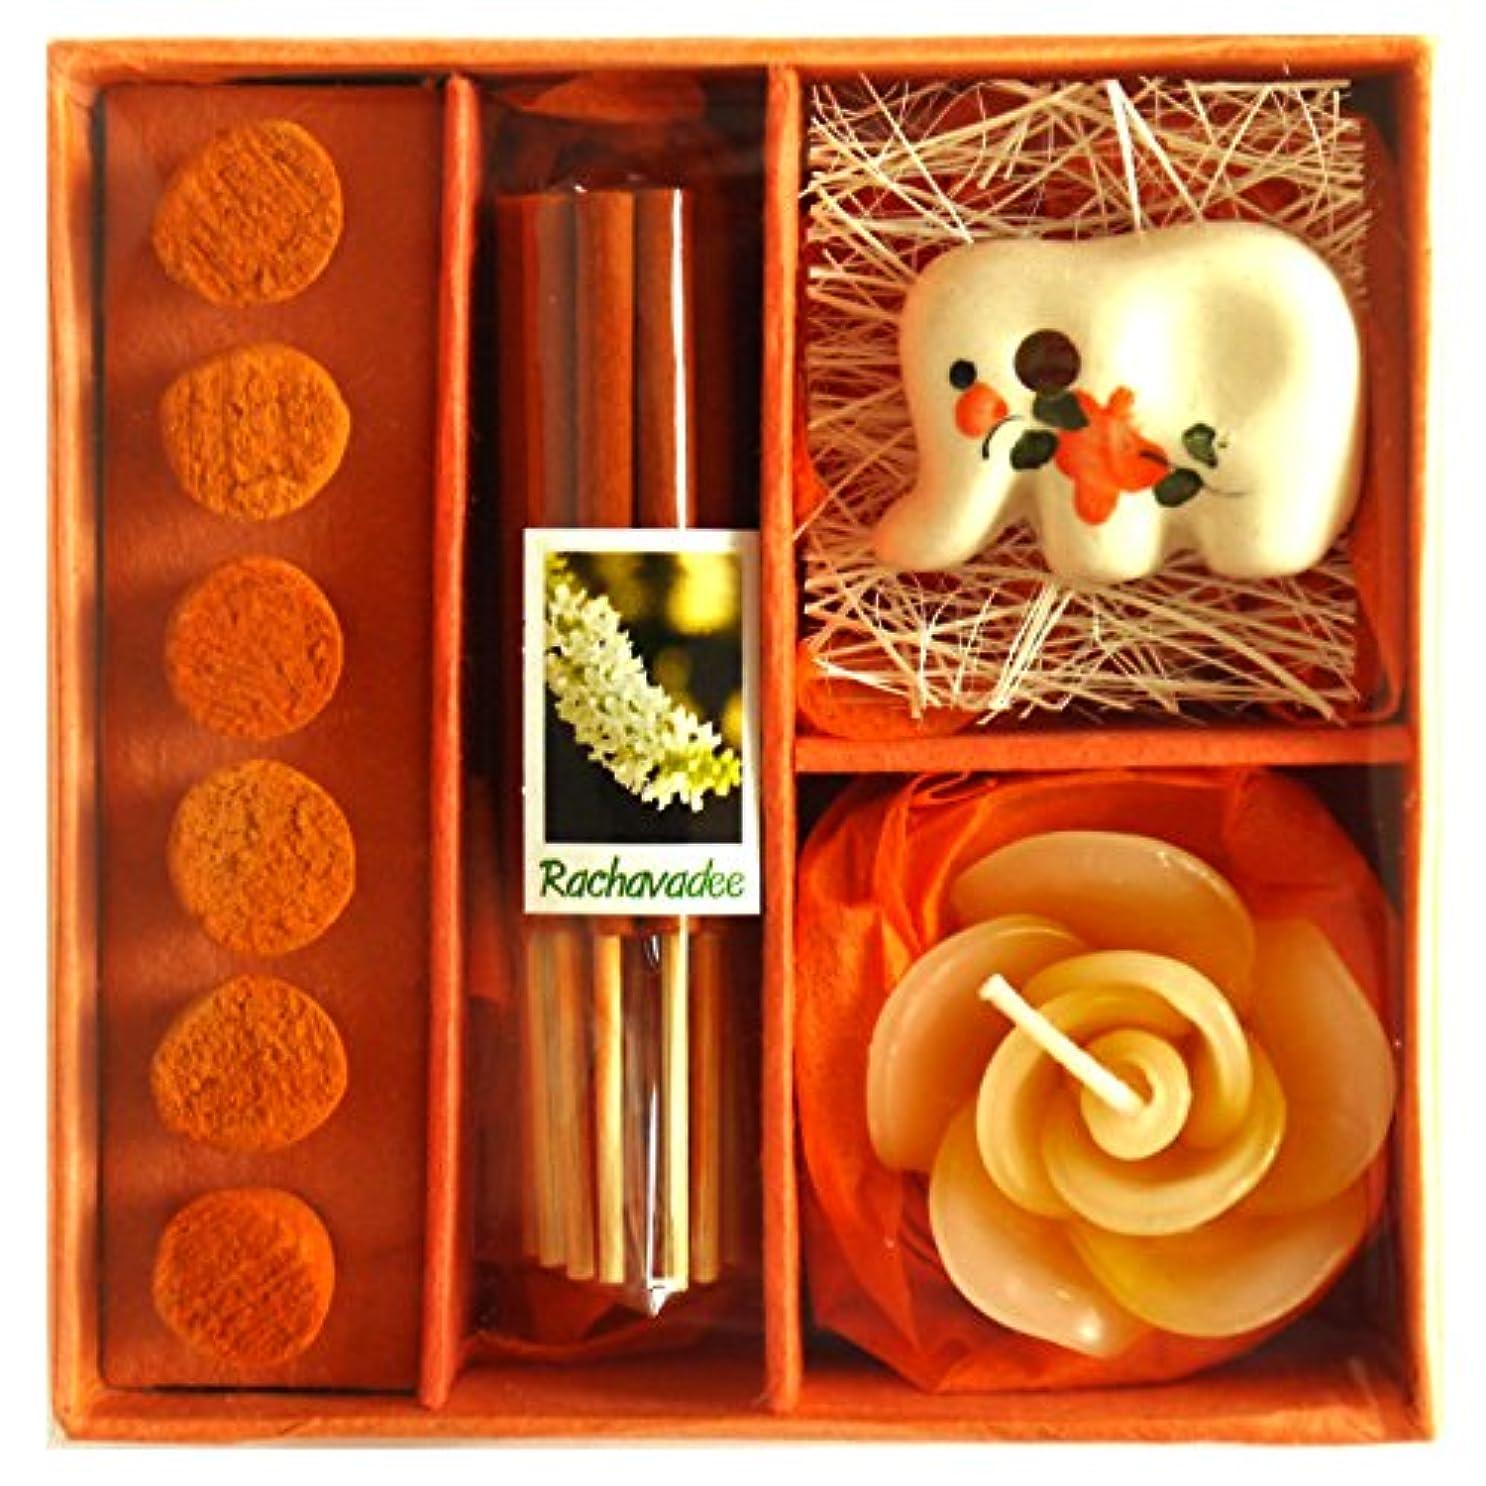 凝視流監査アロマギフトBOX 退職ギフト 色おまかせ 香りつきアロマキャンドル 2種類のお香 陶器製お香立ての入ったギフトセット サンキューシール付き